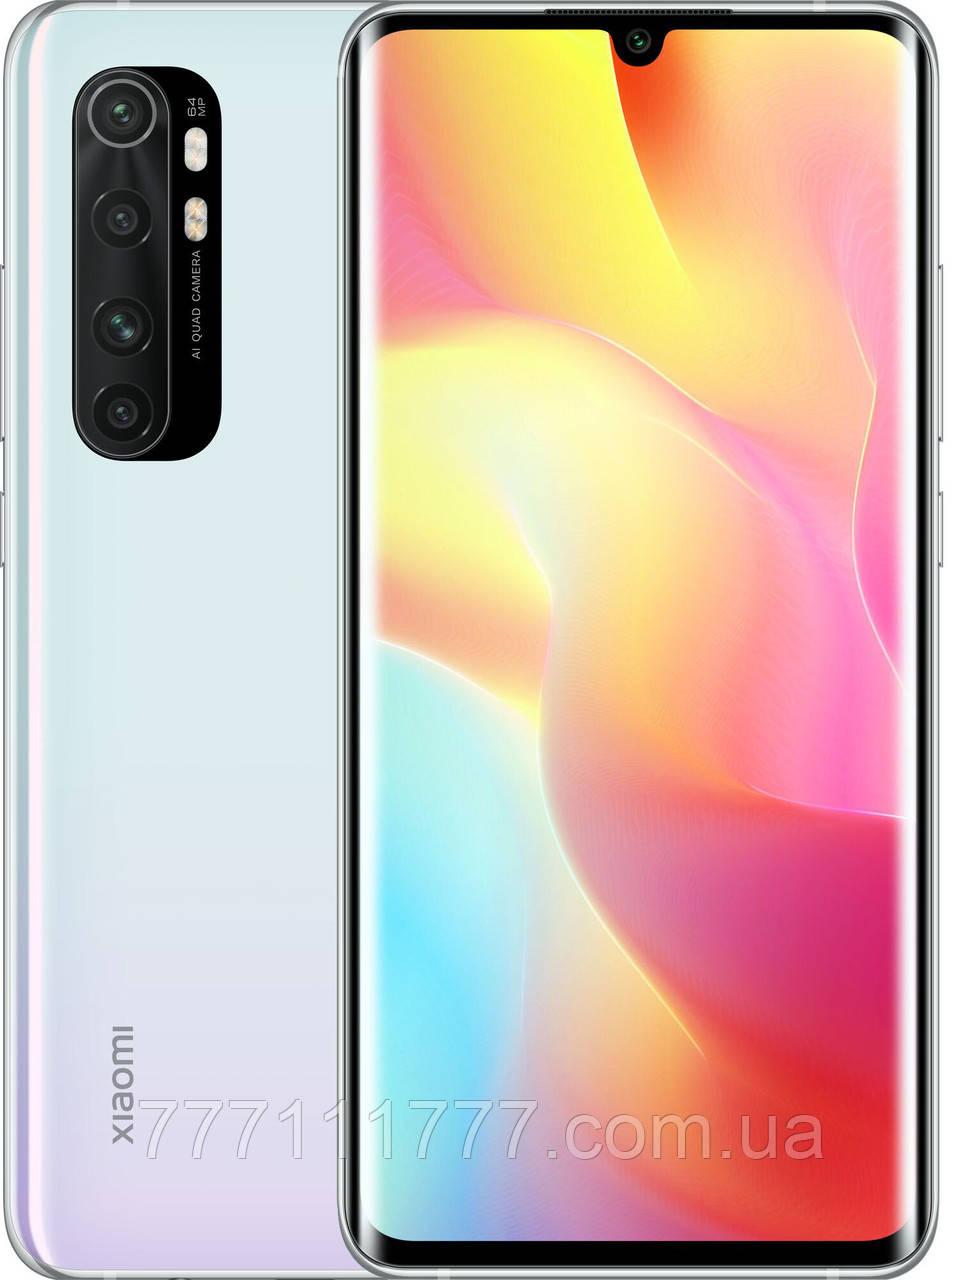 Смартфон ксиоми с большим экраном и хорошей батареей на 2 симки Xiaomi Mi Note 10 Lite 6/64 White ЕВРОПА